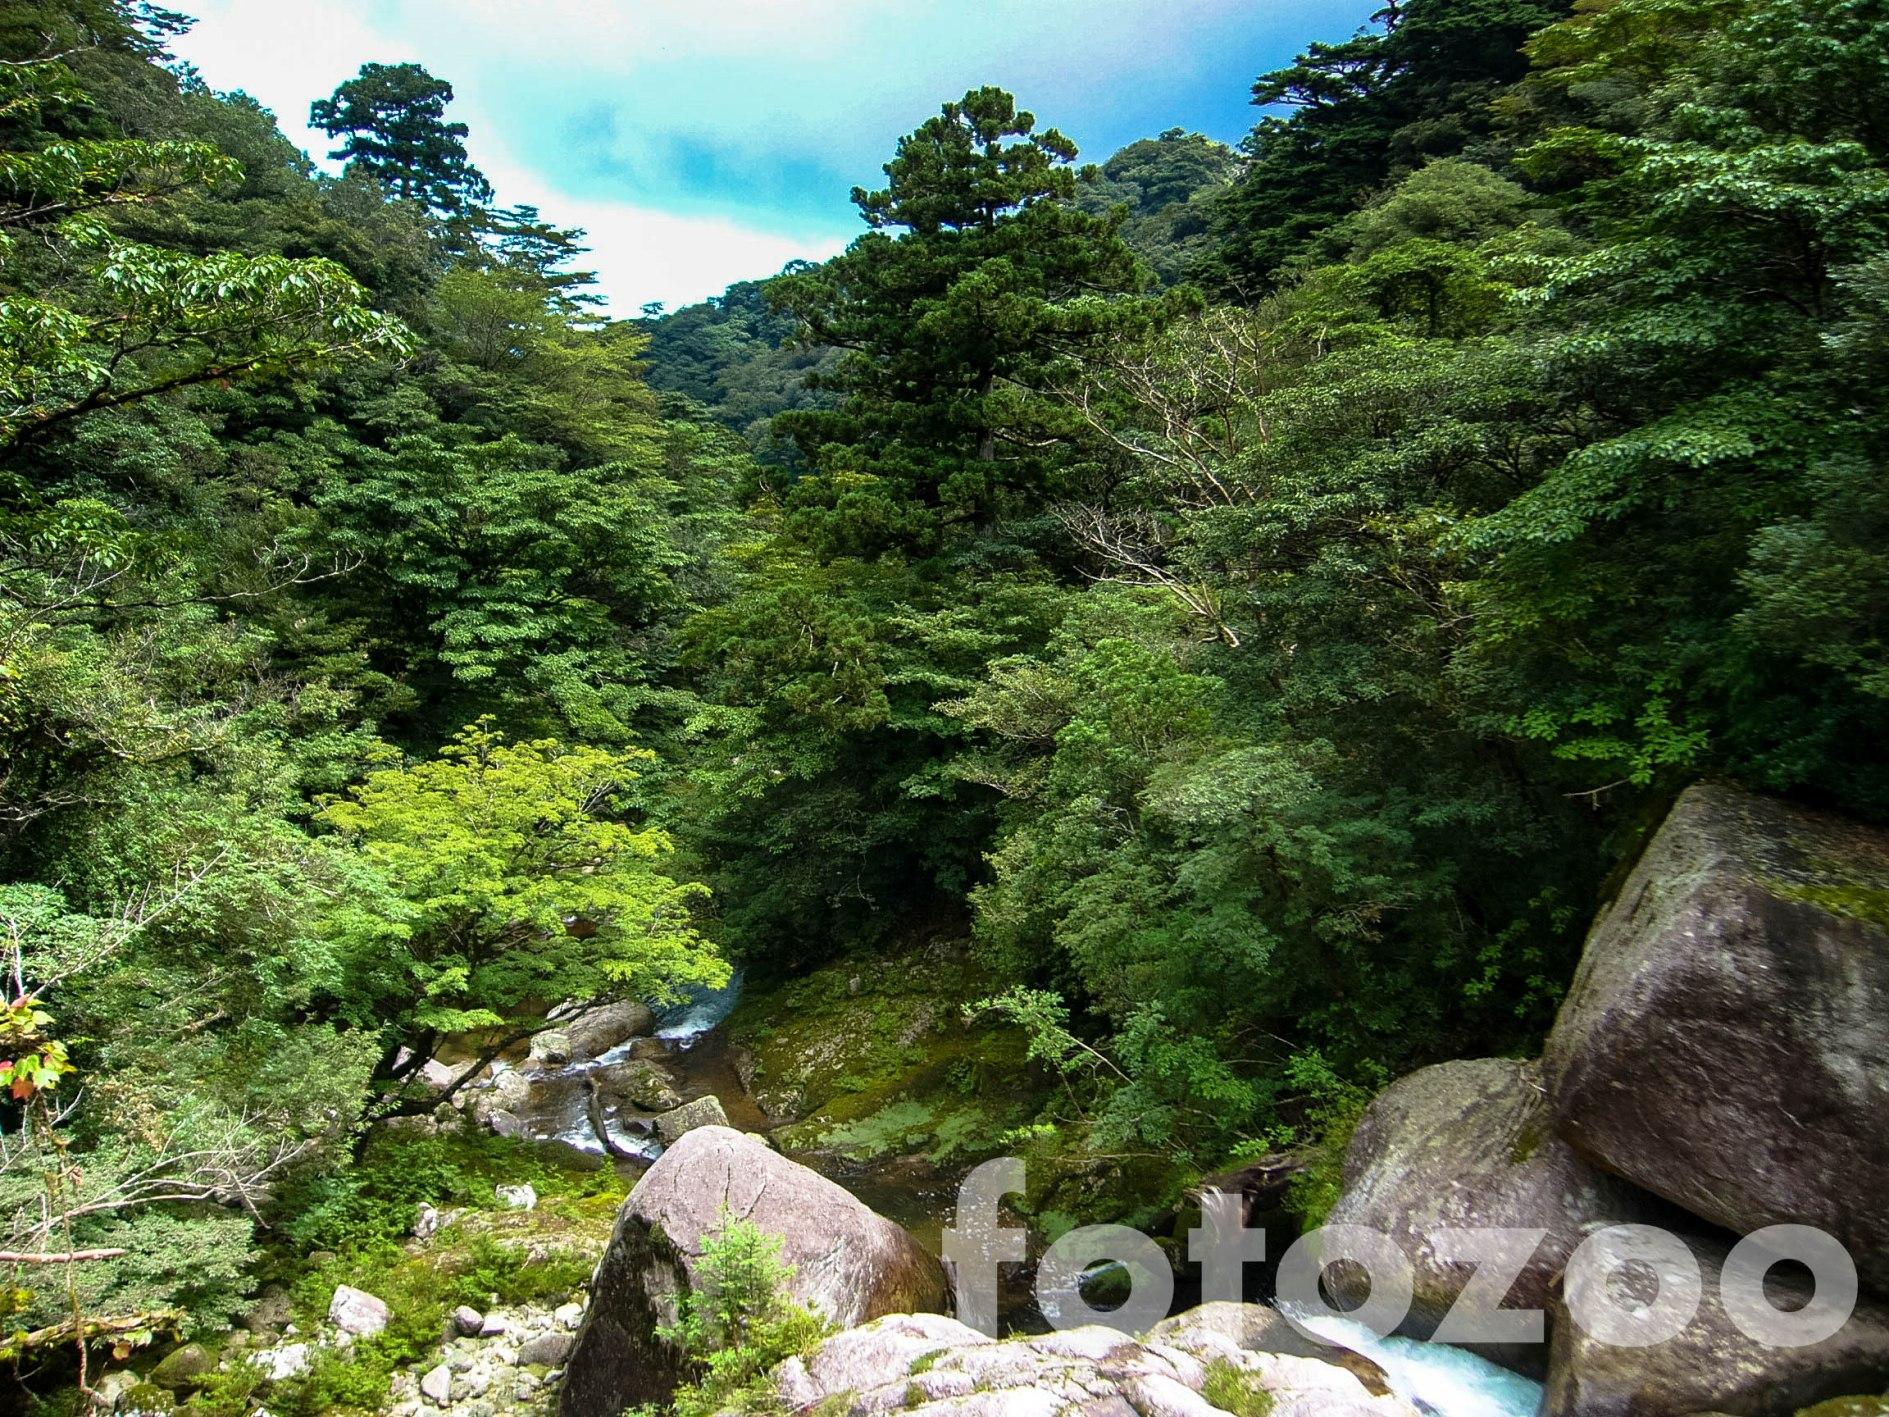 Yakushima erdei ihlették Hayao Miyazaki, A vadon hercegnője című alkotását.